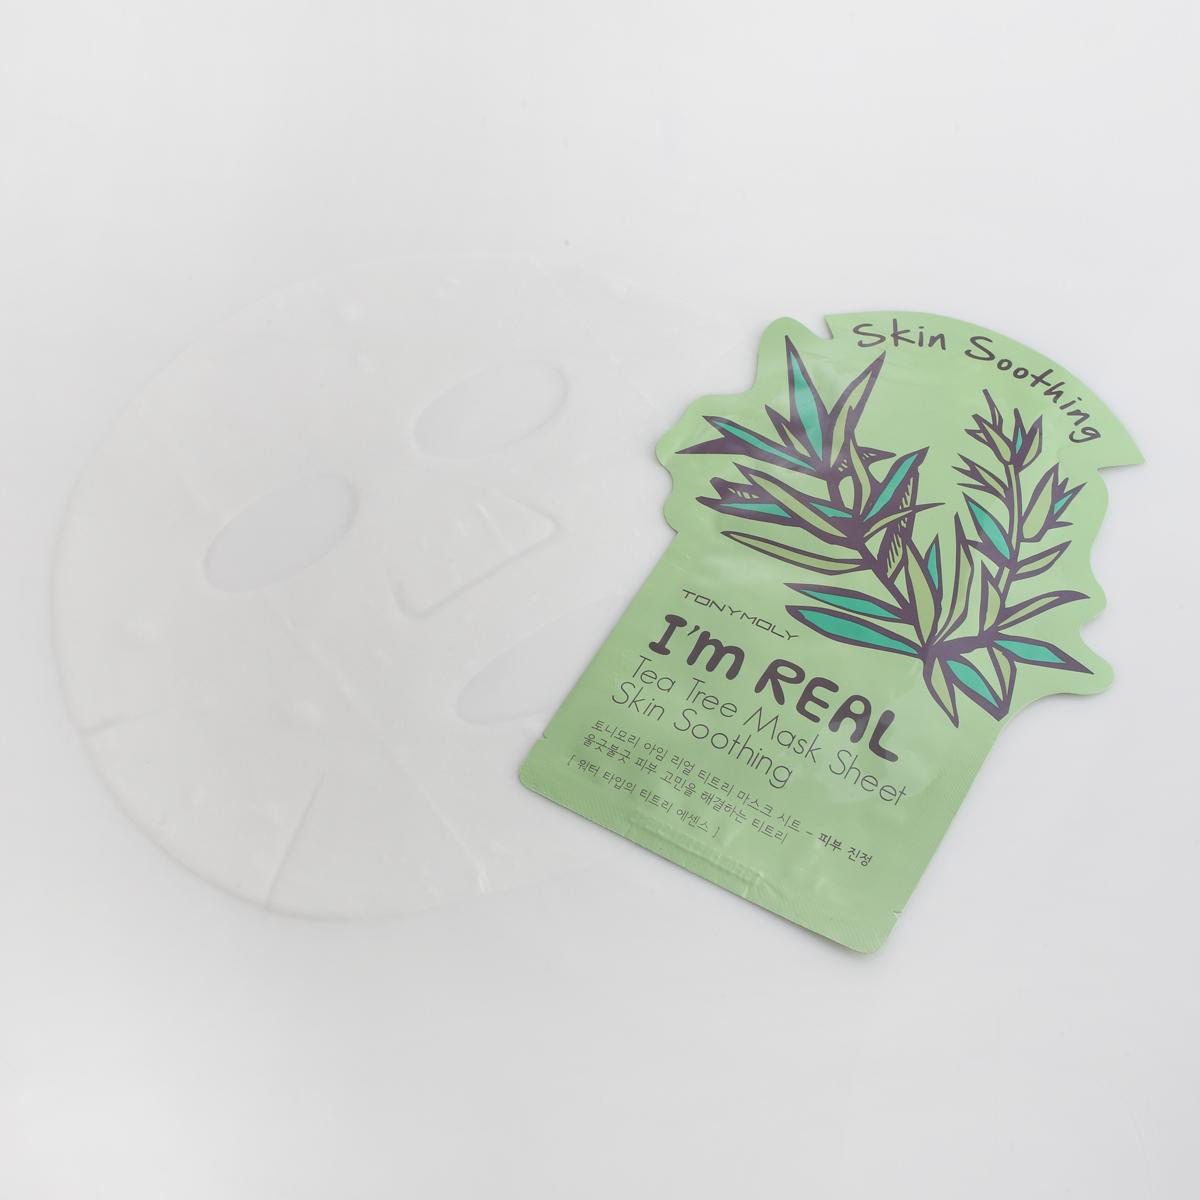 TonyMoly Тканевая маска с экстрактом чайного дерева Im Real Tea Tree Mask Sheet, 21 мл (Tonymoly)